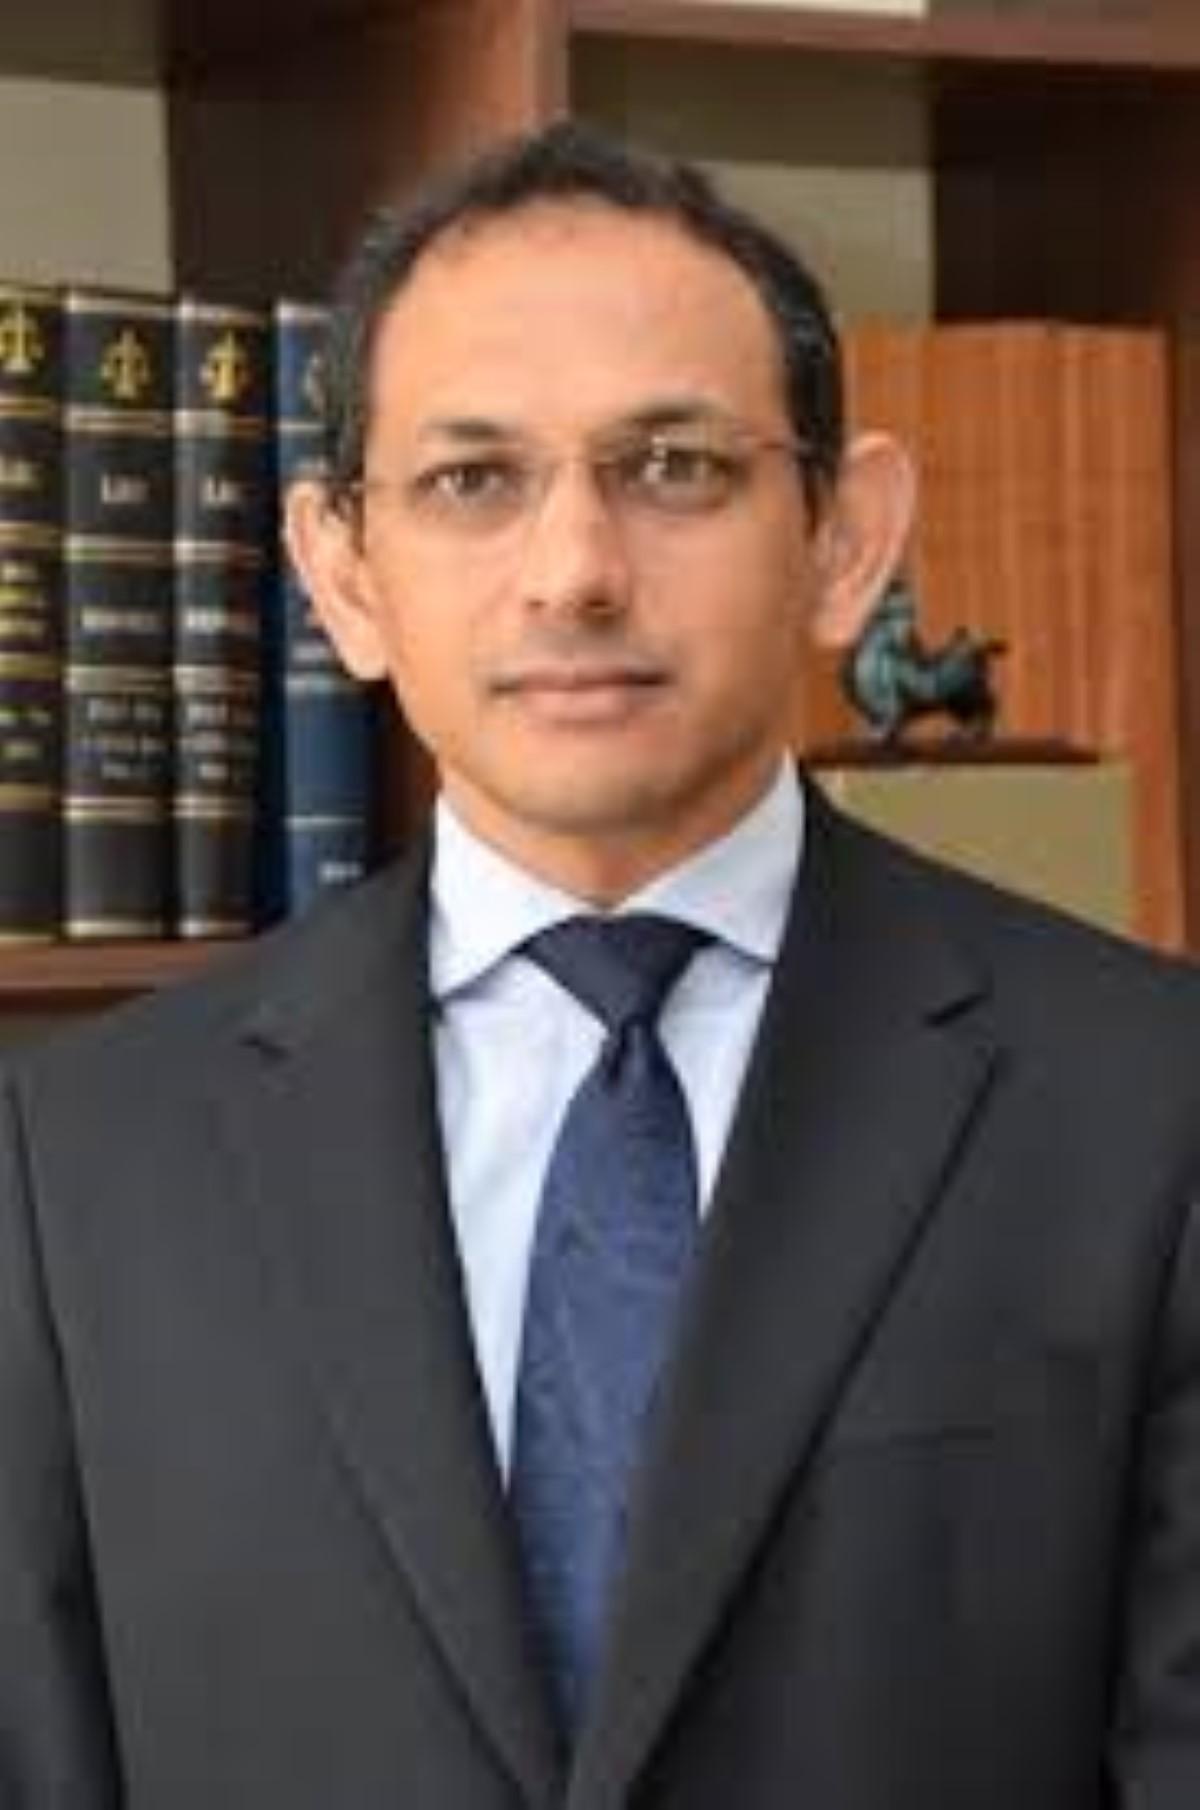 Mauritius Law Society : L'avoué Dave Boolauky vainqueur des élections